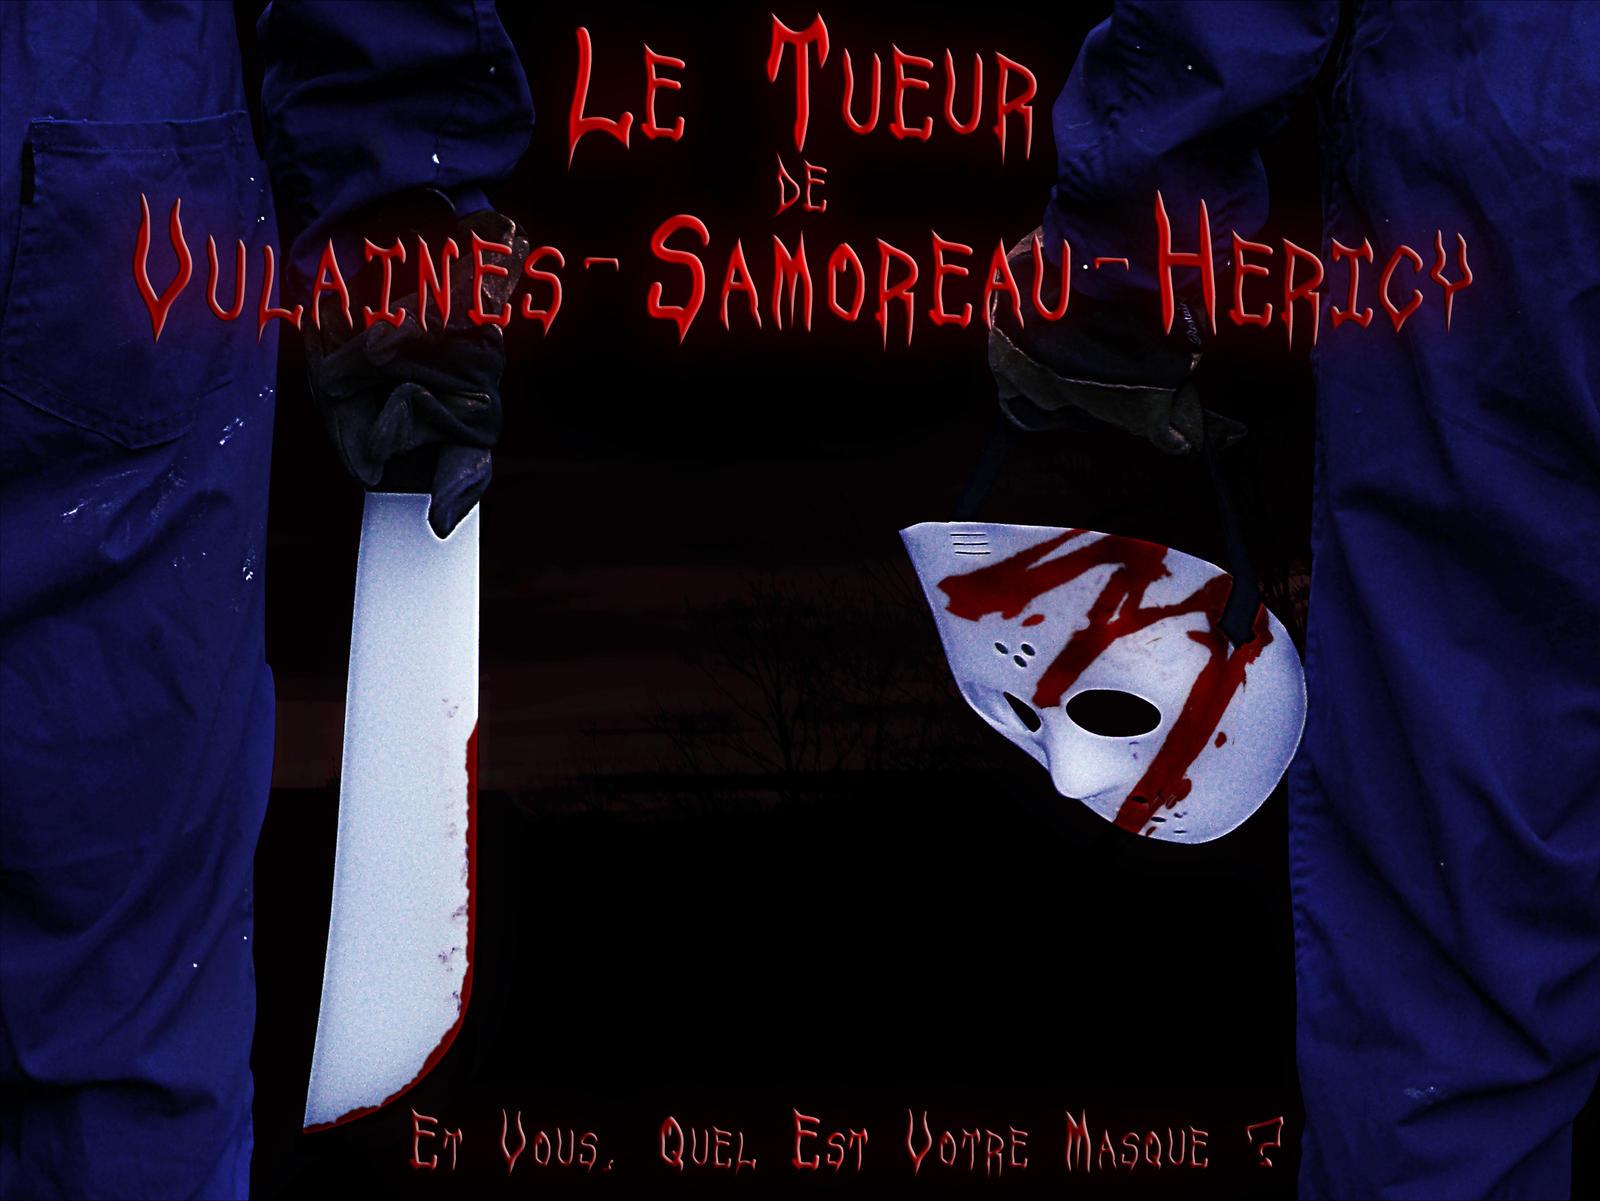 Tueur de Vulaines 3 Poster 2